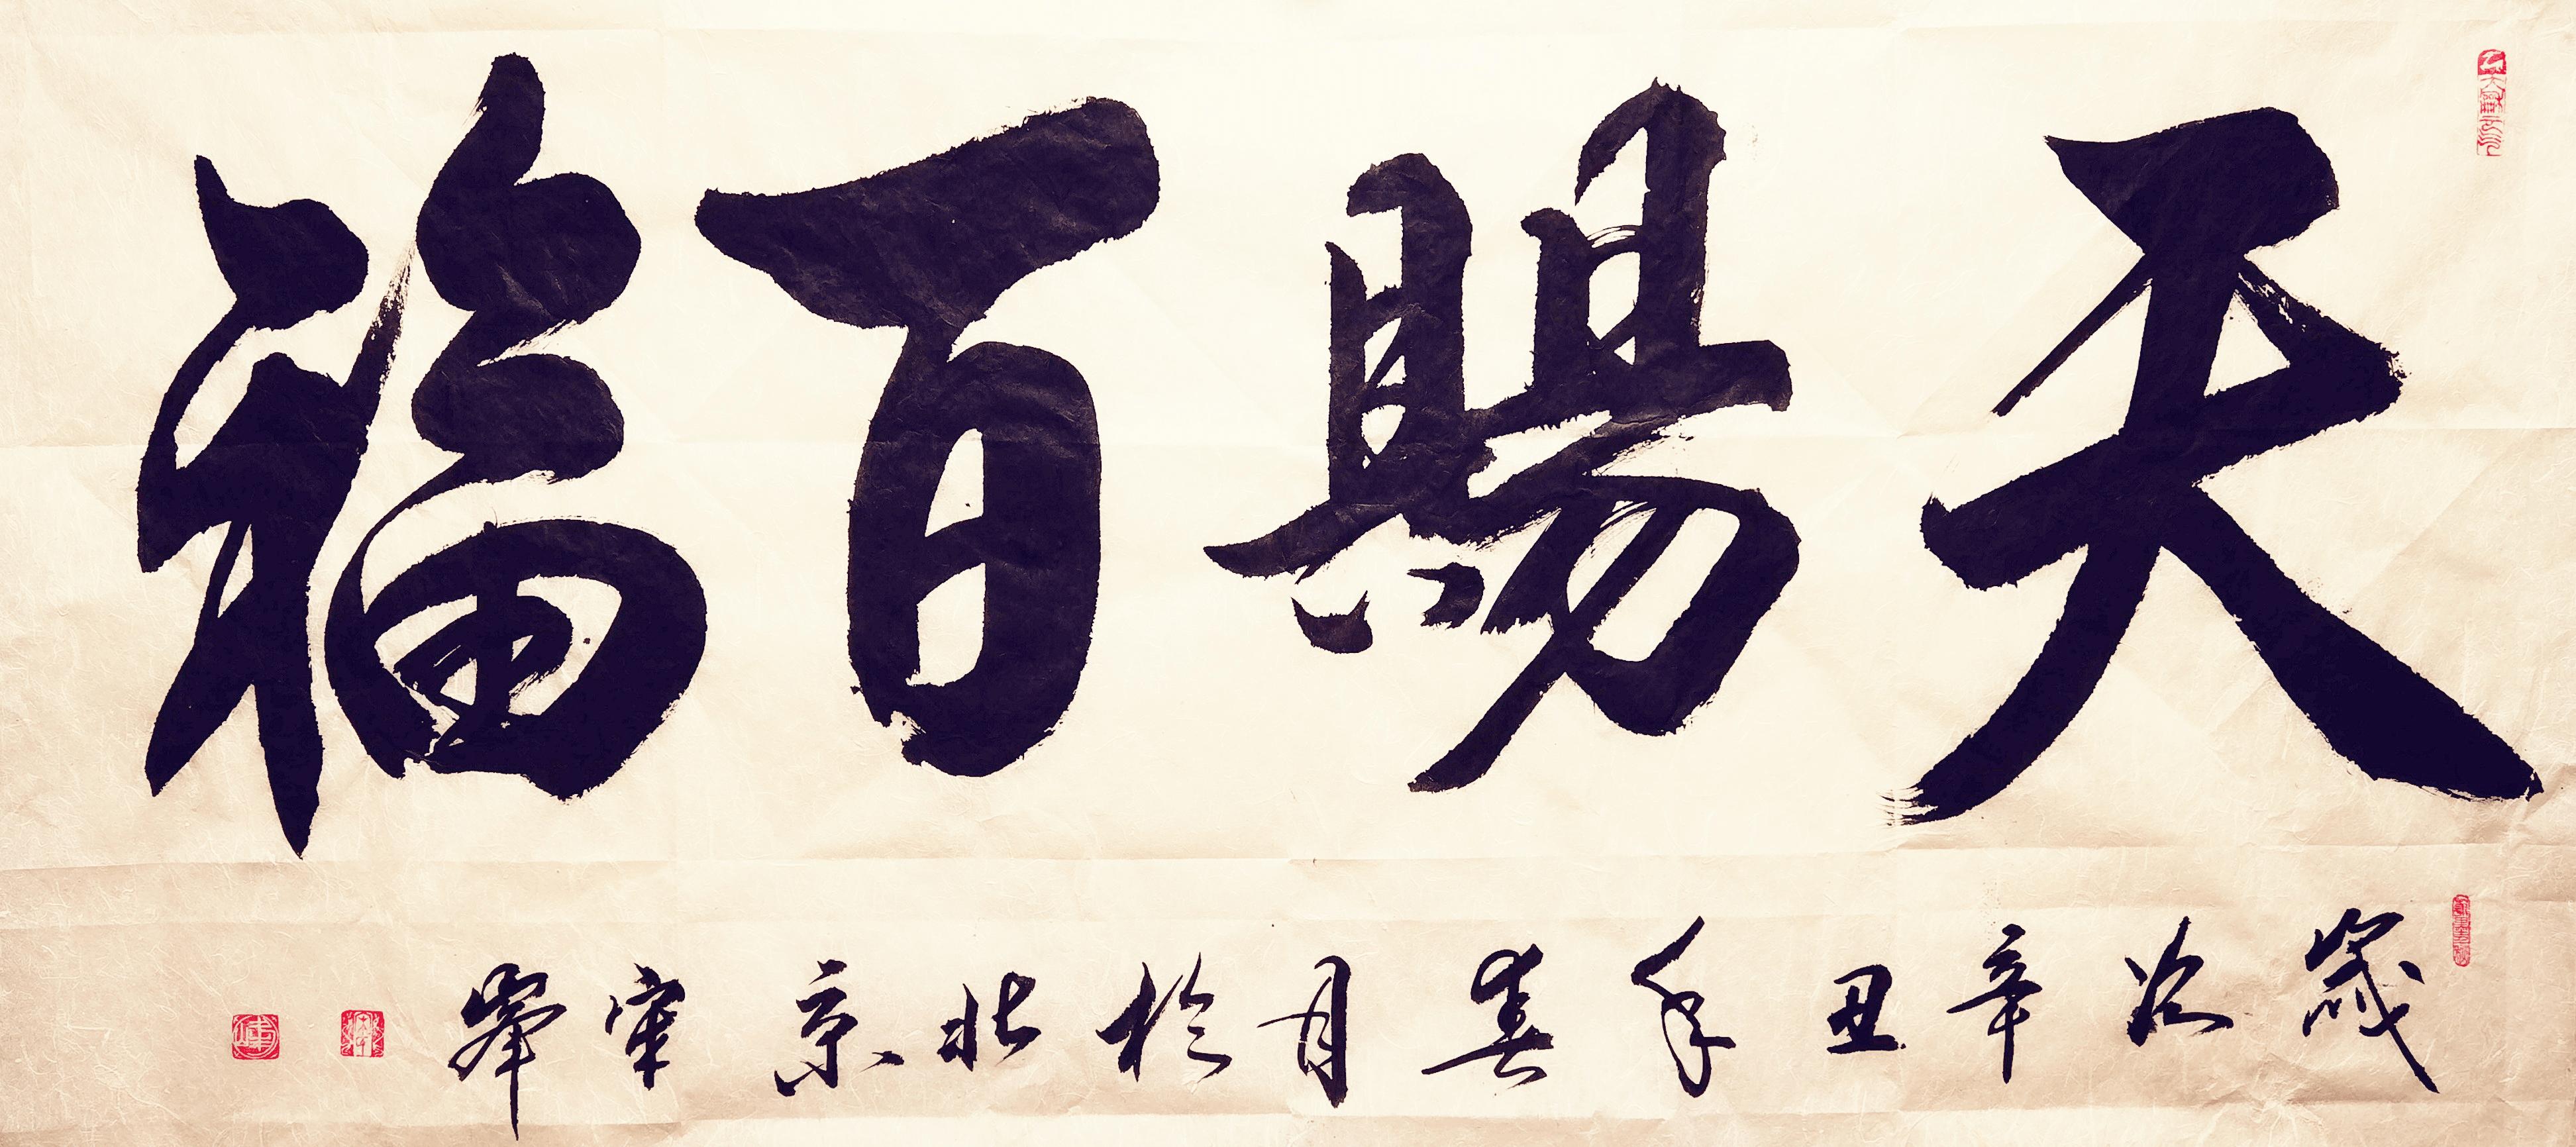 著名书画家、国家一级美术师宋峰长卷作品获拍182万插图(3)